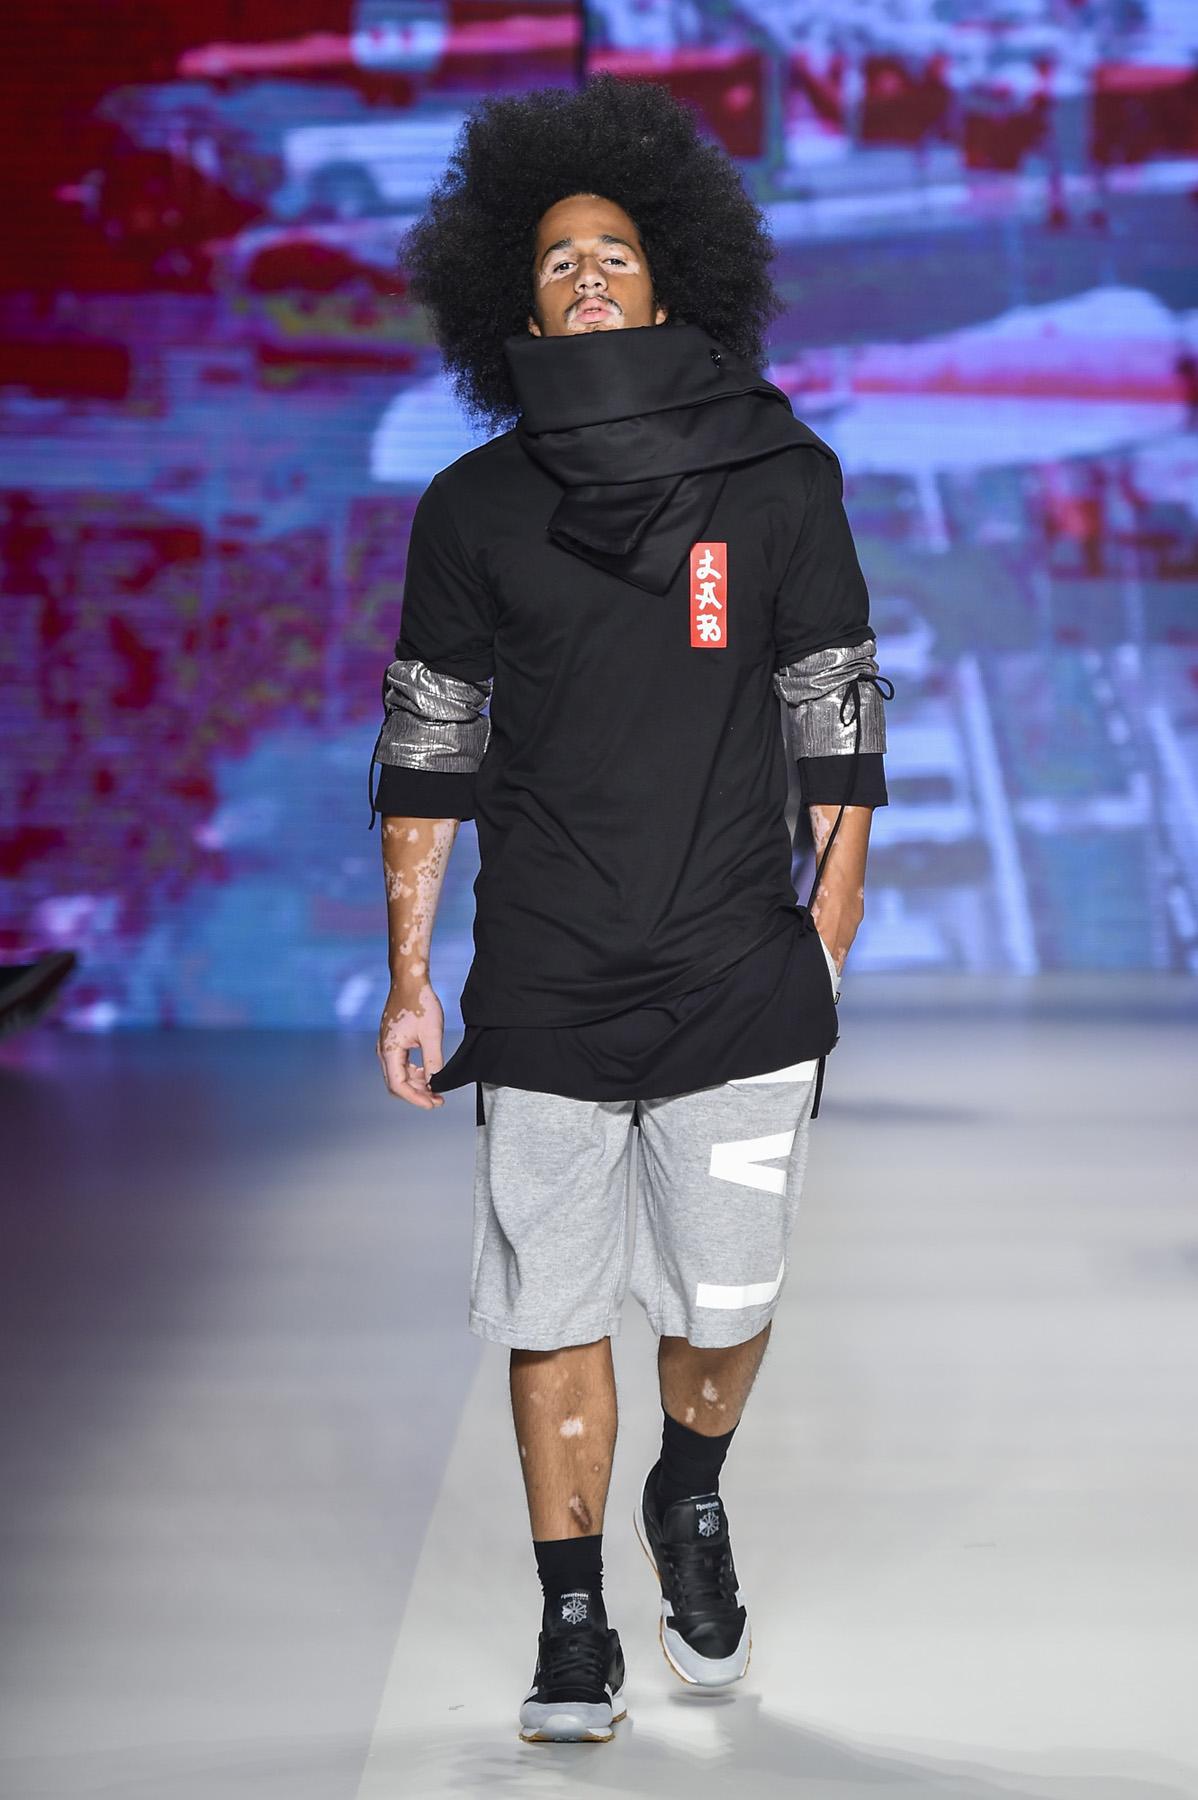 Modelo com vitiligo também passou pela passarela. Foto: